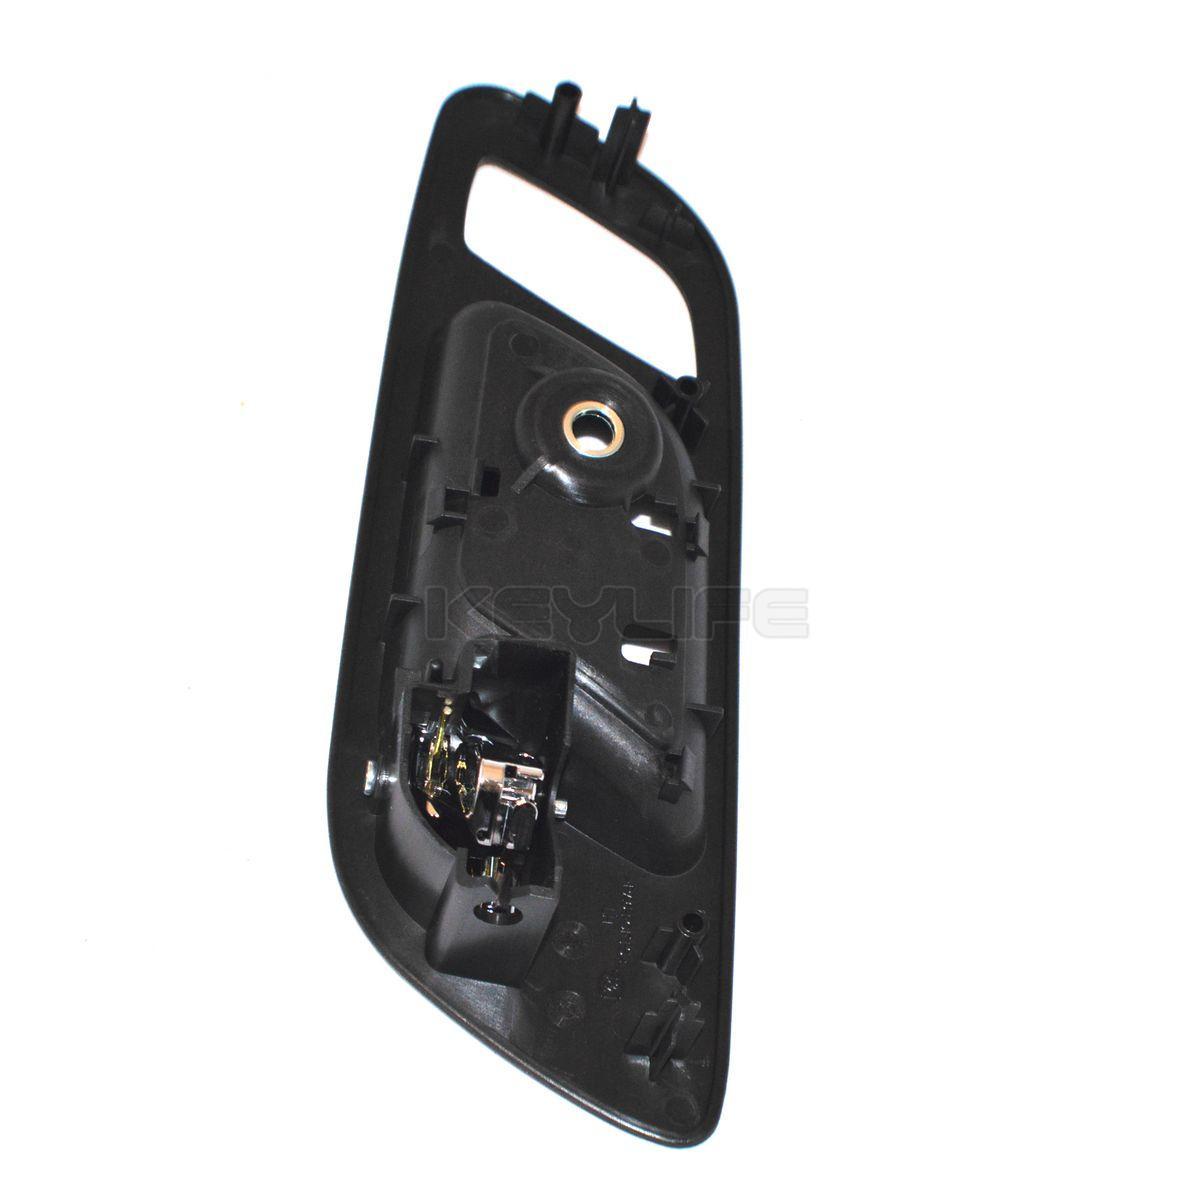 Interior front left lh side door handle for 2007 2013 chevrolet silverado 1500 ebay for 2007 chevy silverado interior door handle